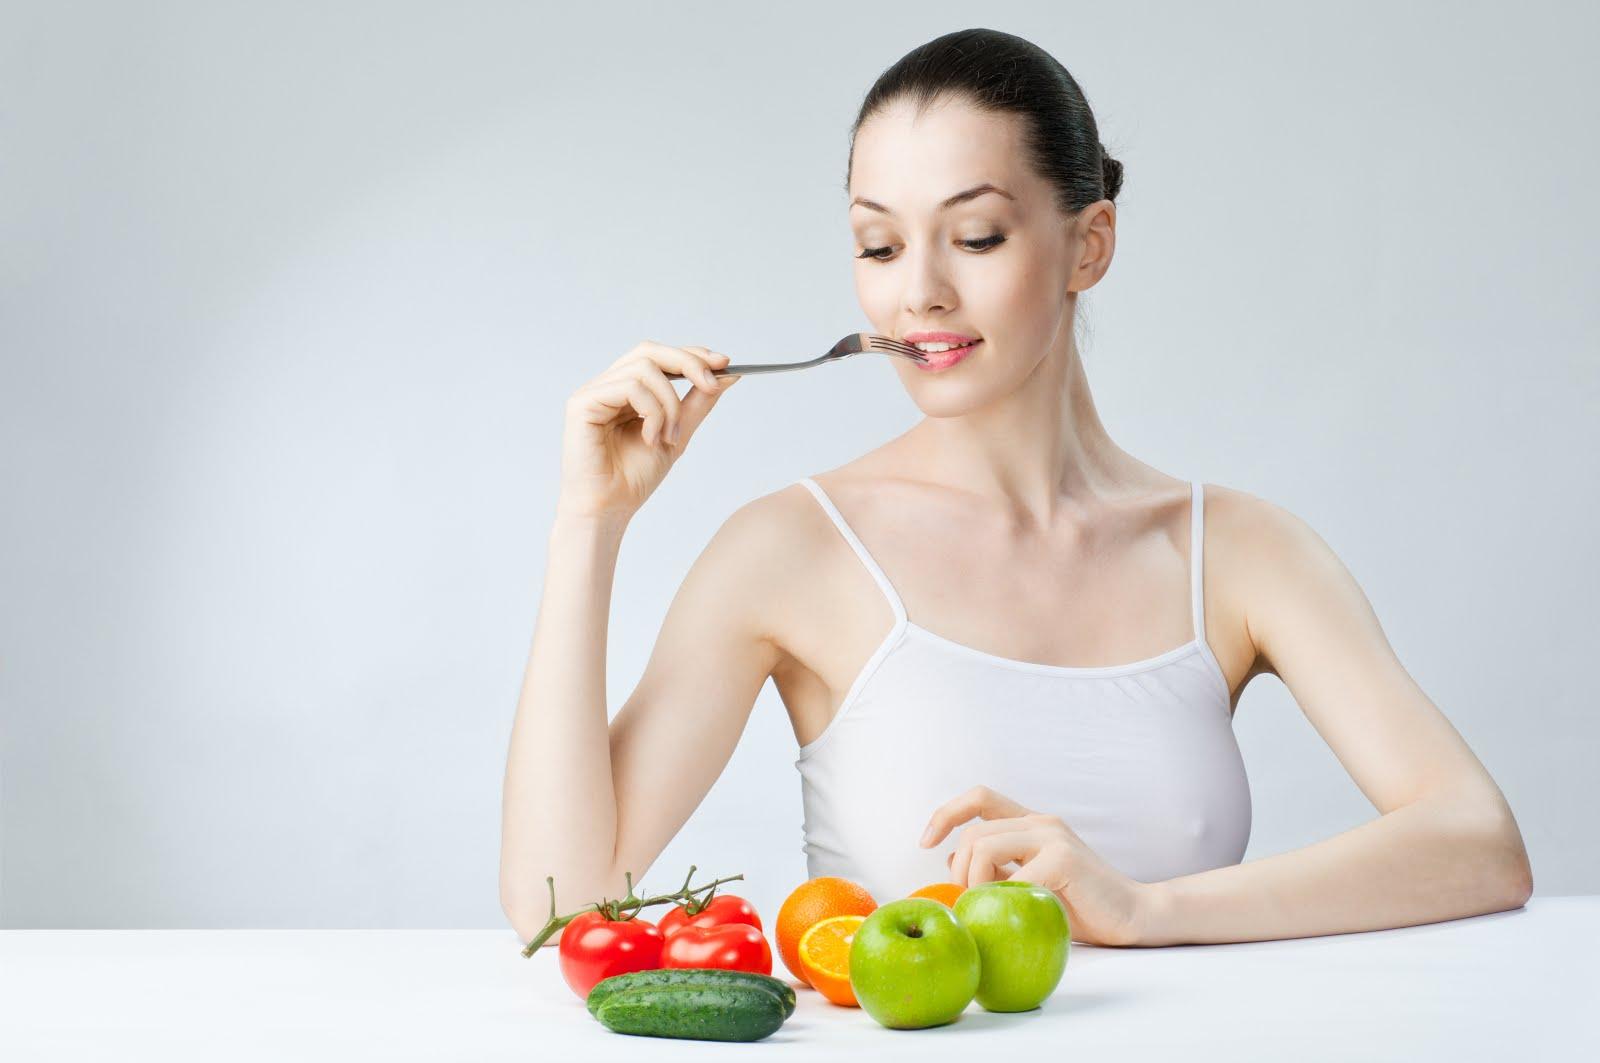 Здрави без детокс: 5 изпробвани съвета